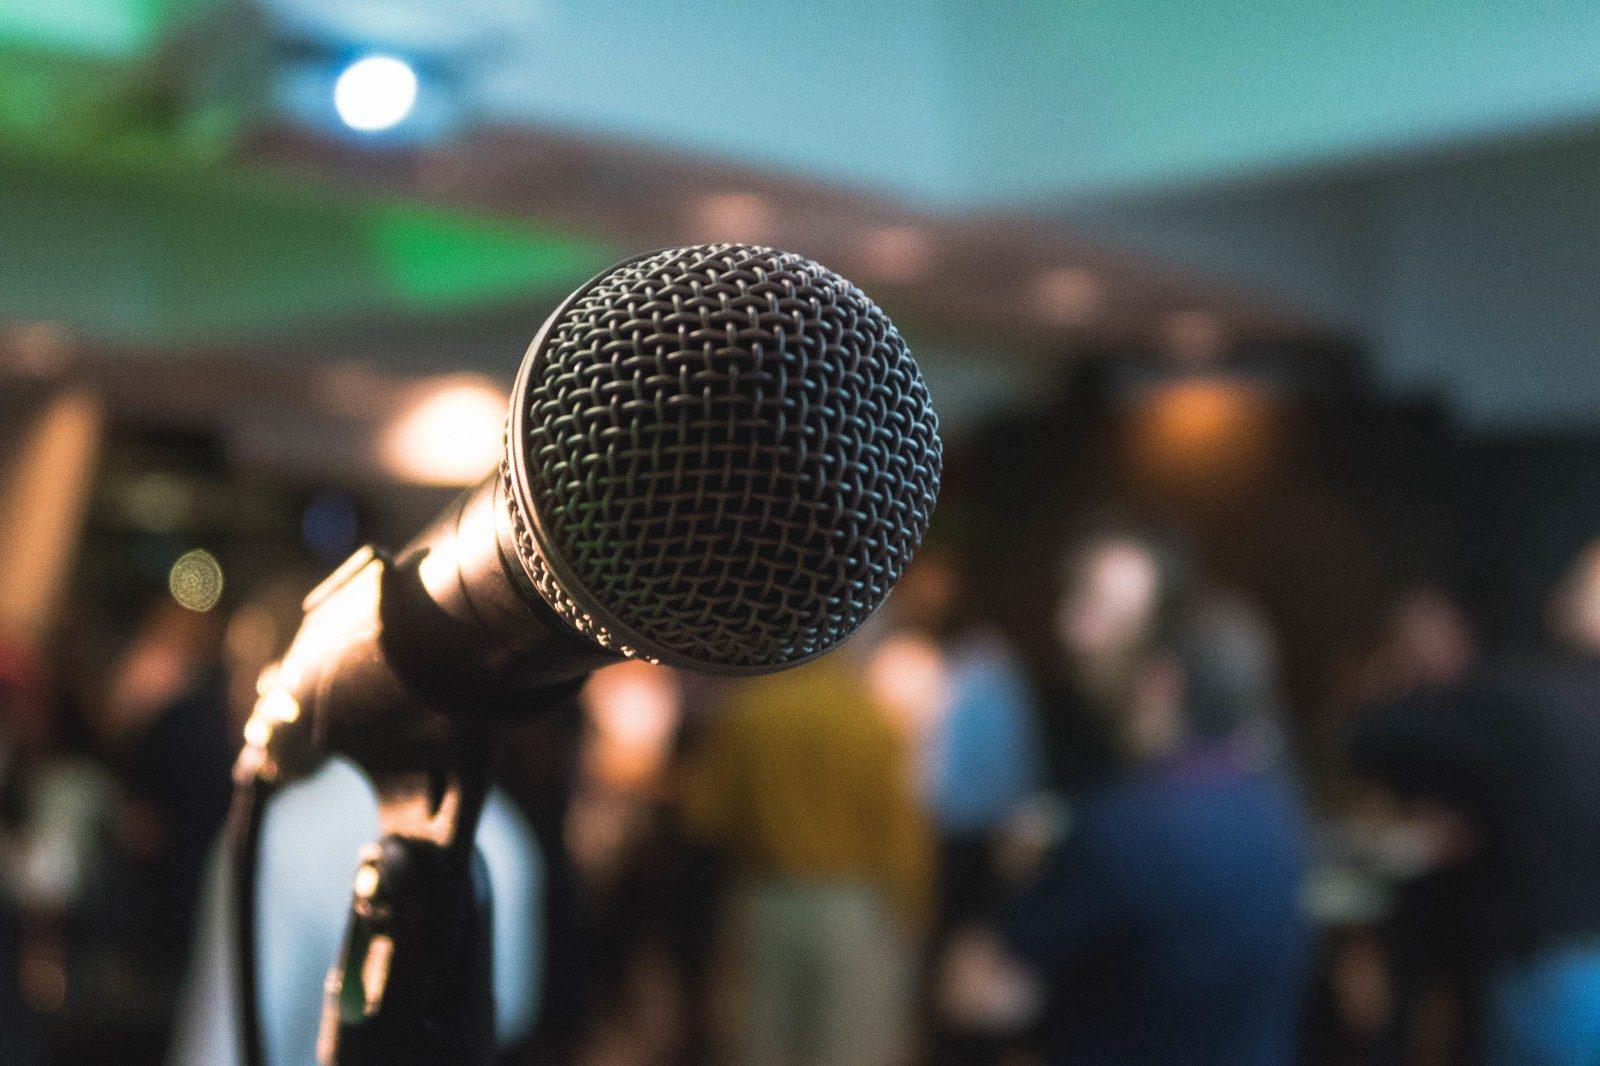 microphone 1_Cf1_fWlxcD6IxWqK8G9BNA